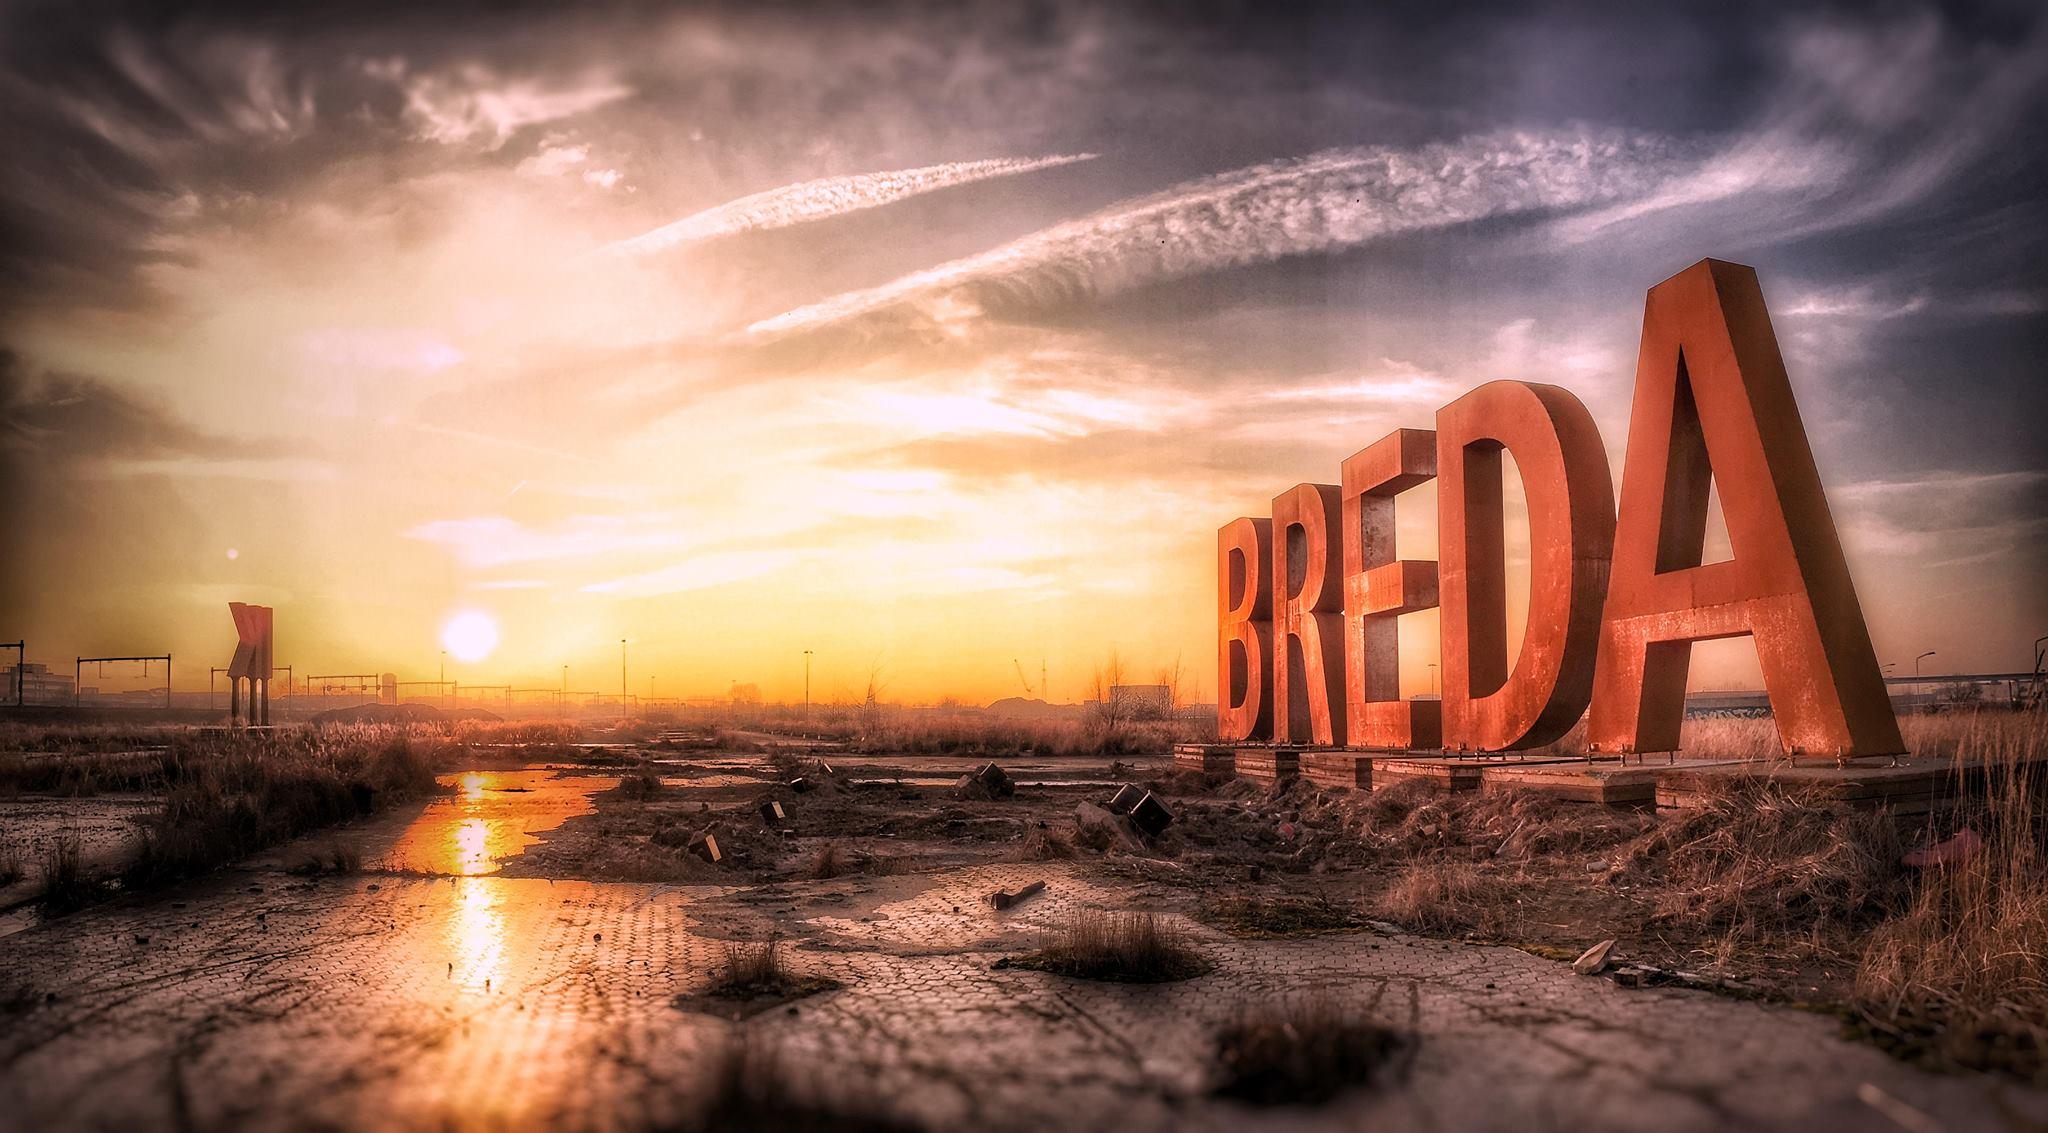 Fototour naar BREDA-letters